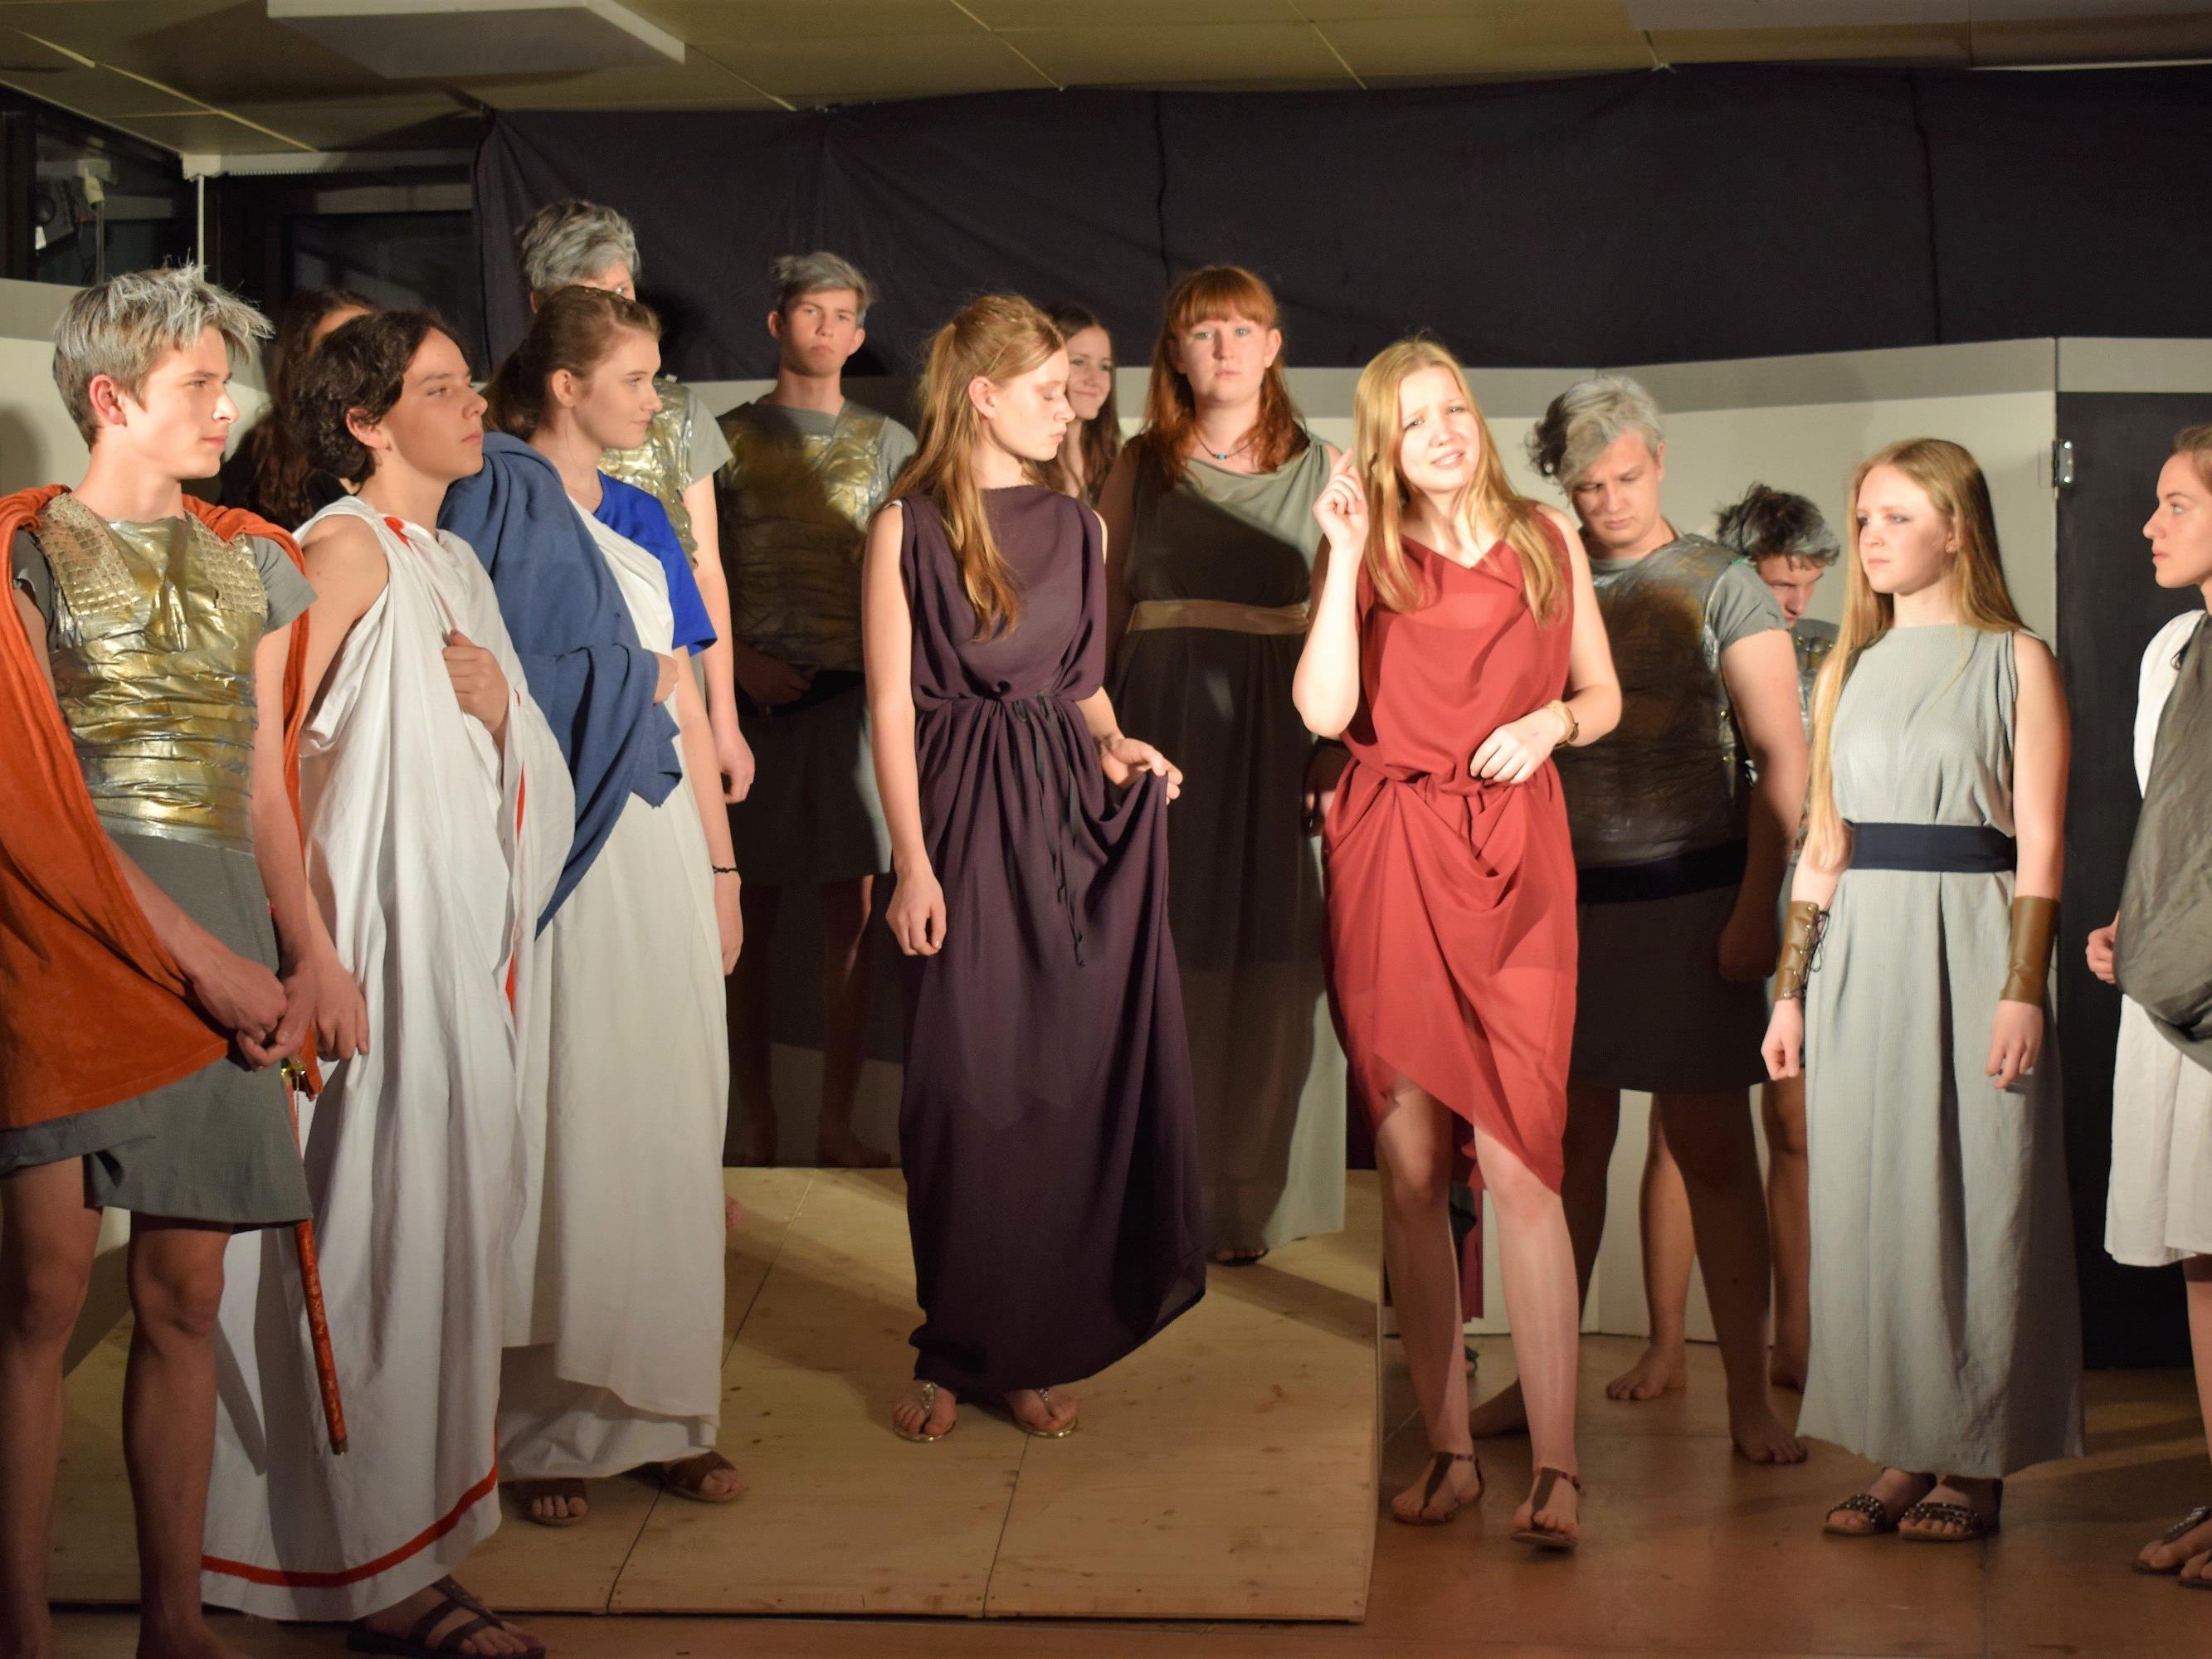 Die Akteurinnen und Akteure präsentierten einen Klassiker der Theatergeschichte als aktuelles Stück.